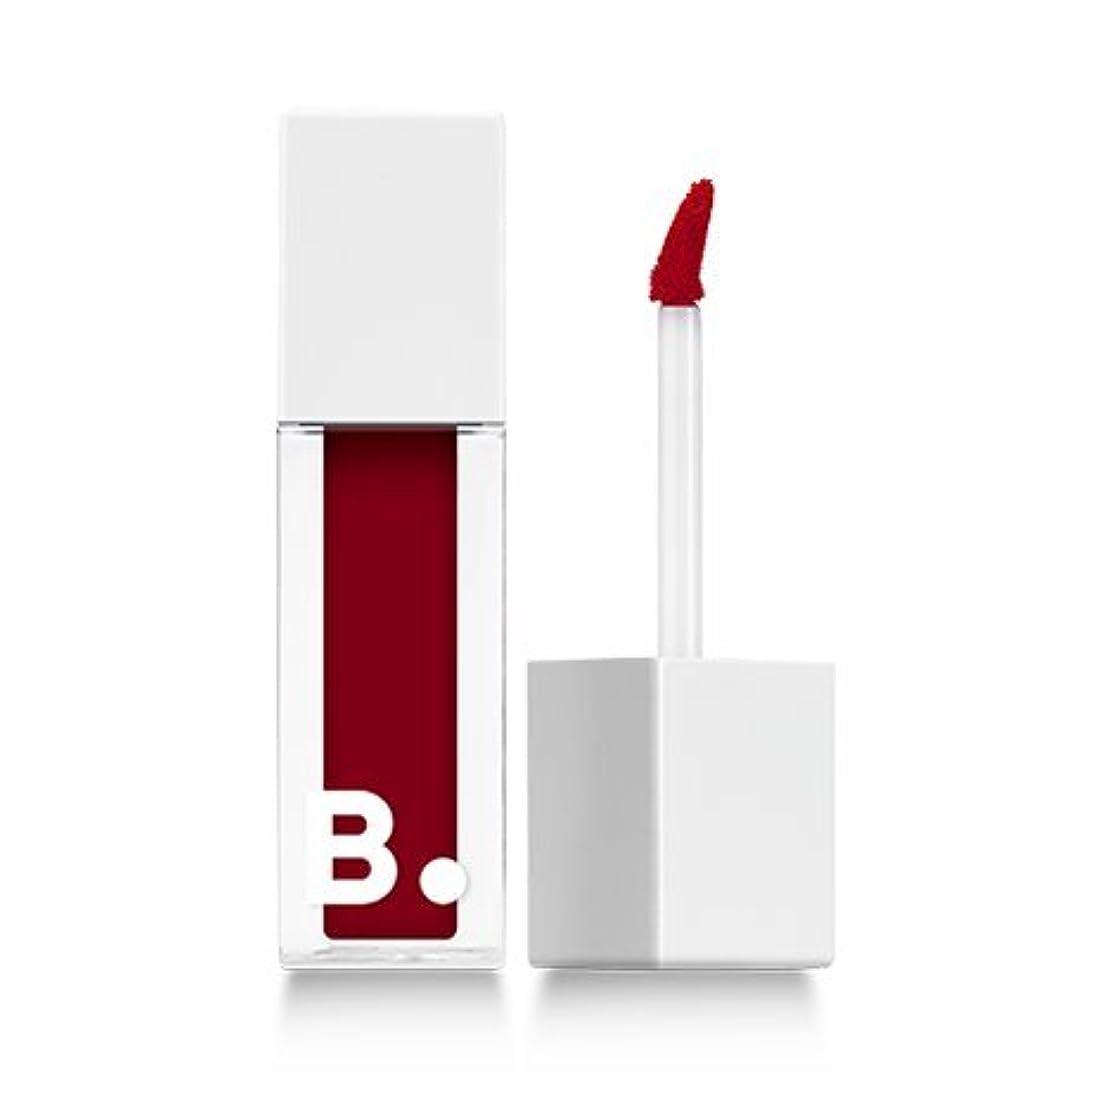 リボン条件付きスイングBANILA CO Liplike Moist Tint 5.7g/バニラコ リップライク モイスト ティント 5.7g (#RD03) [並行輸入品]